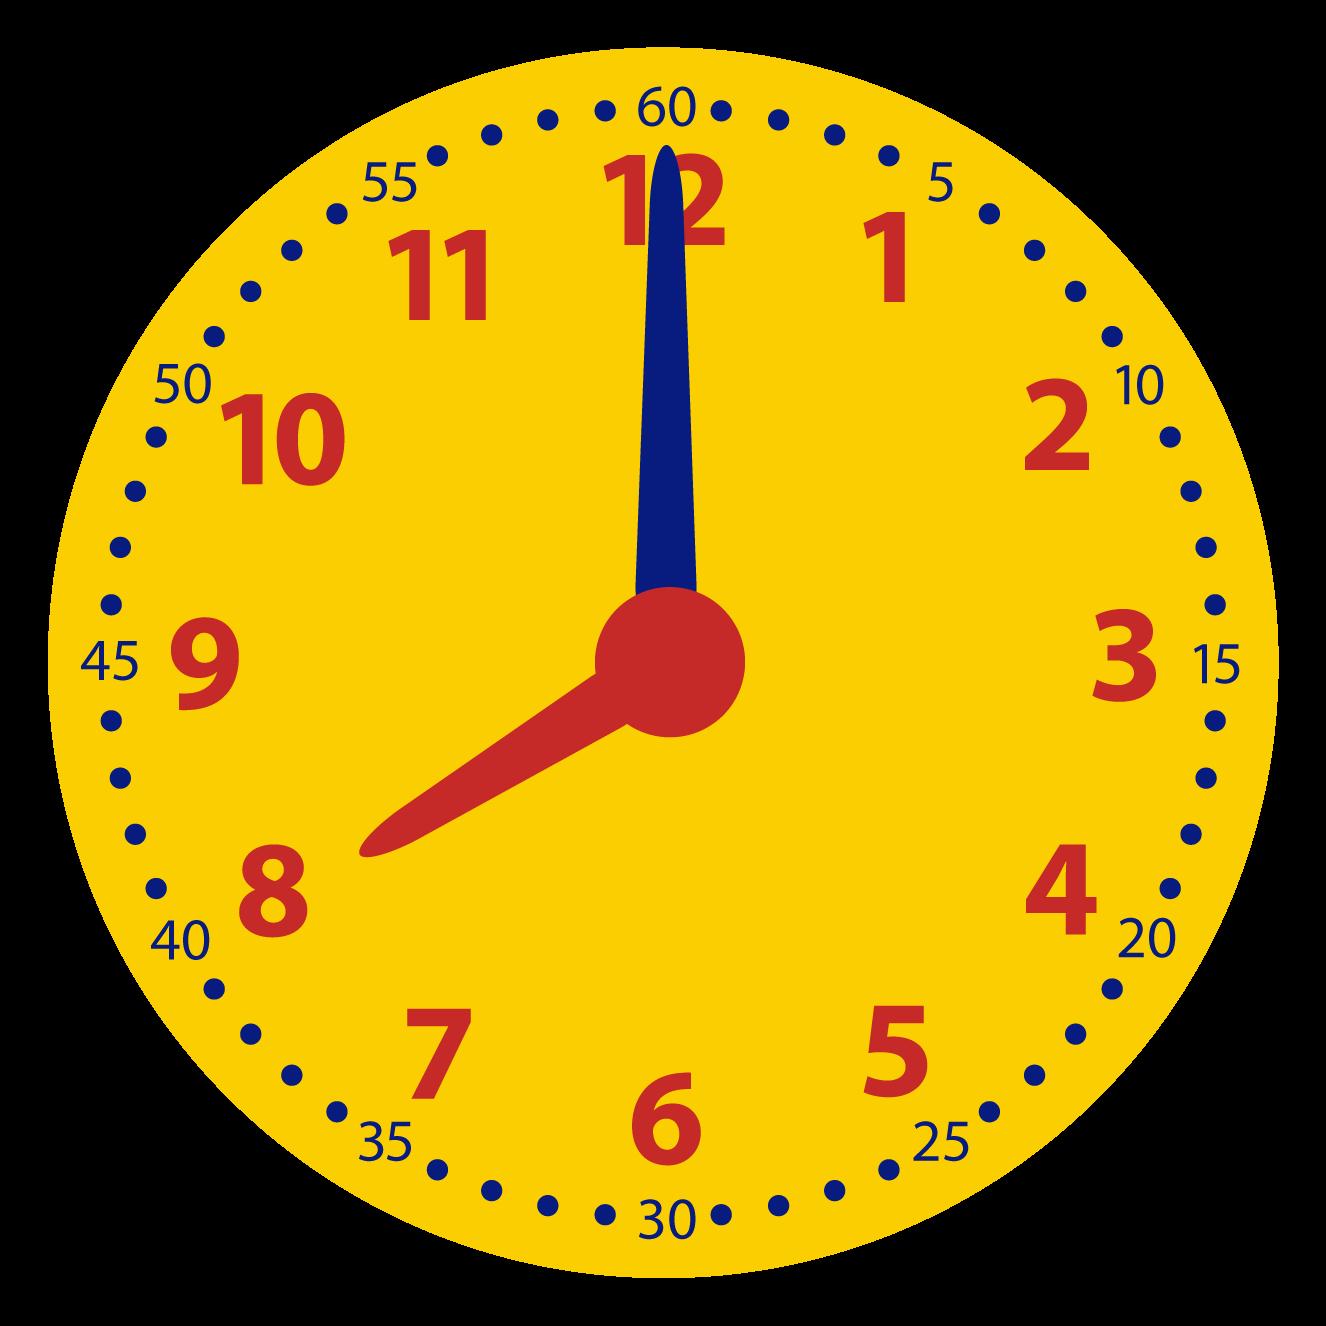 Welke digitale klok hoort bij de analoge klok? Samenhang tussen de analoge en digitale klok.